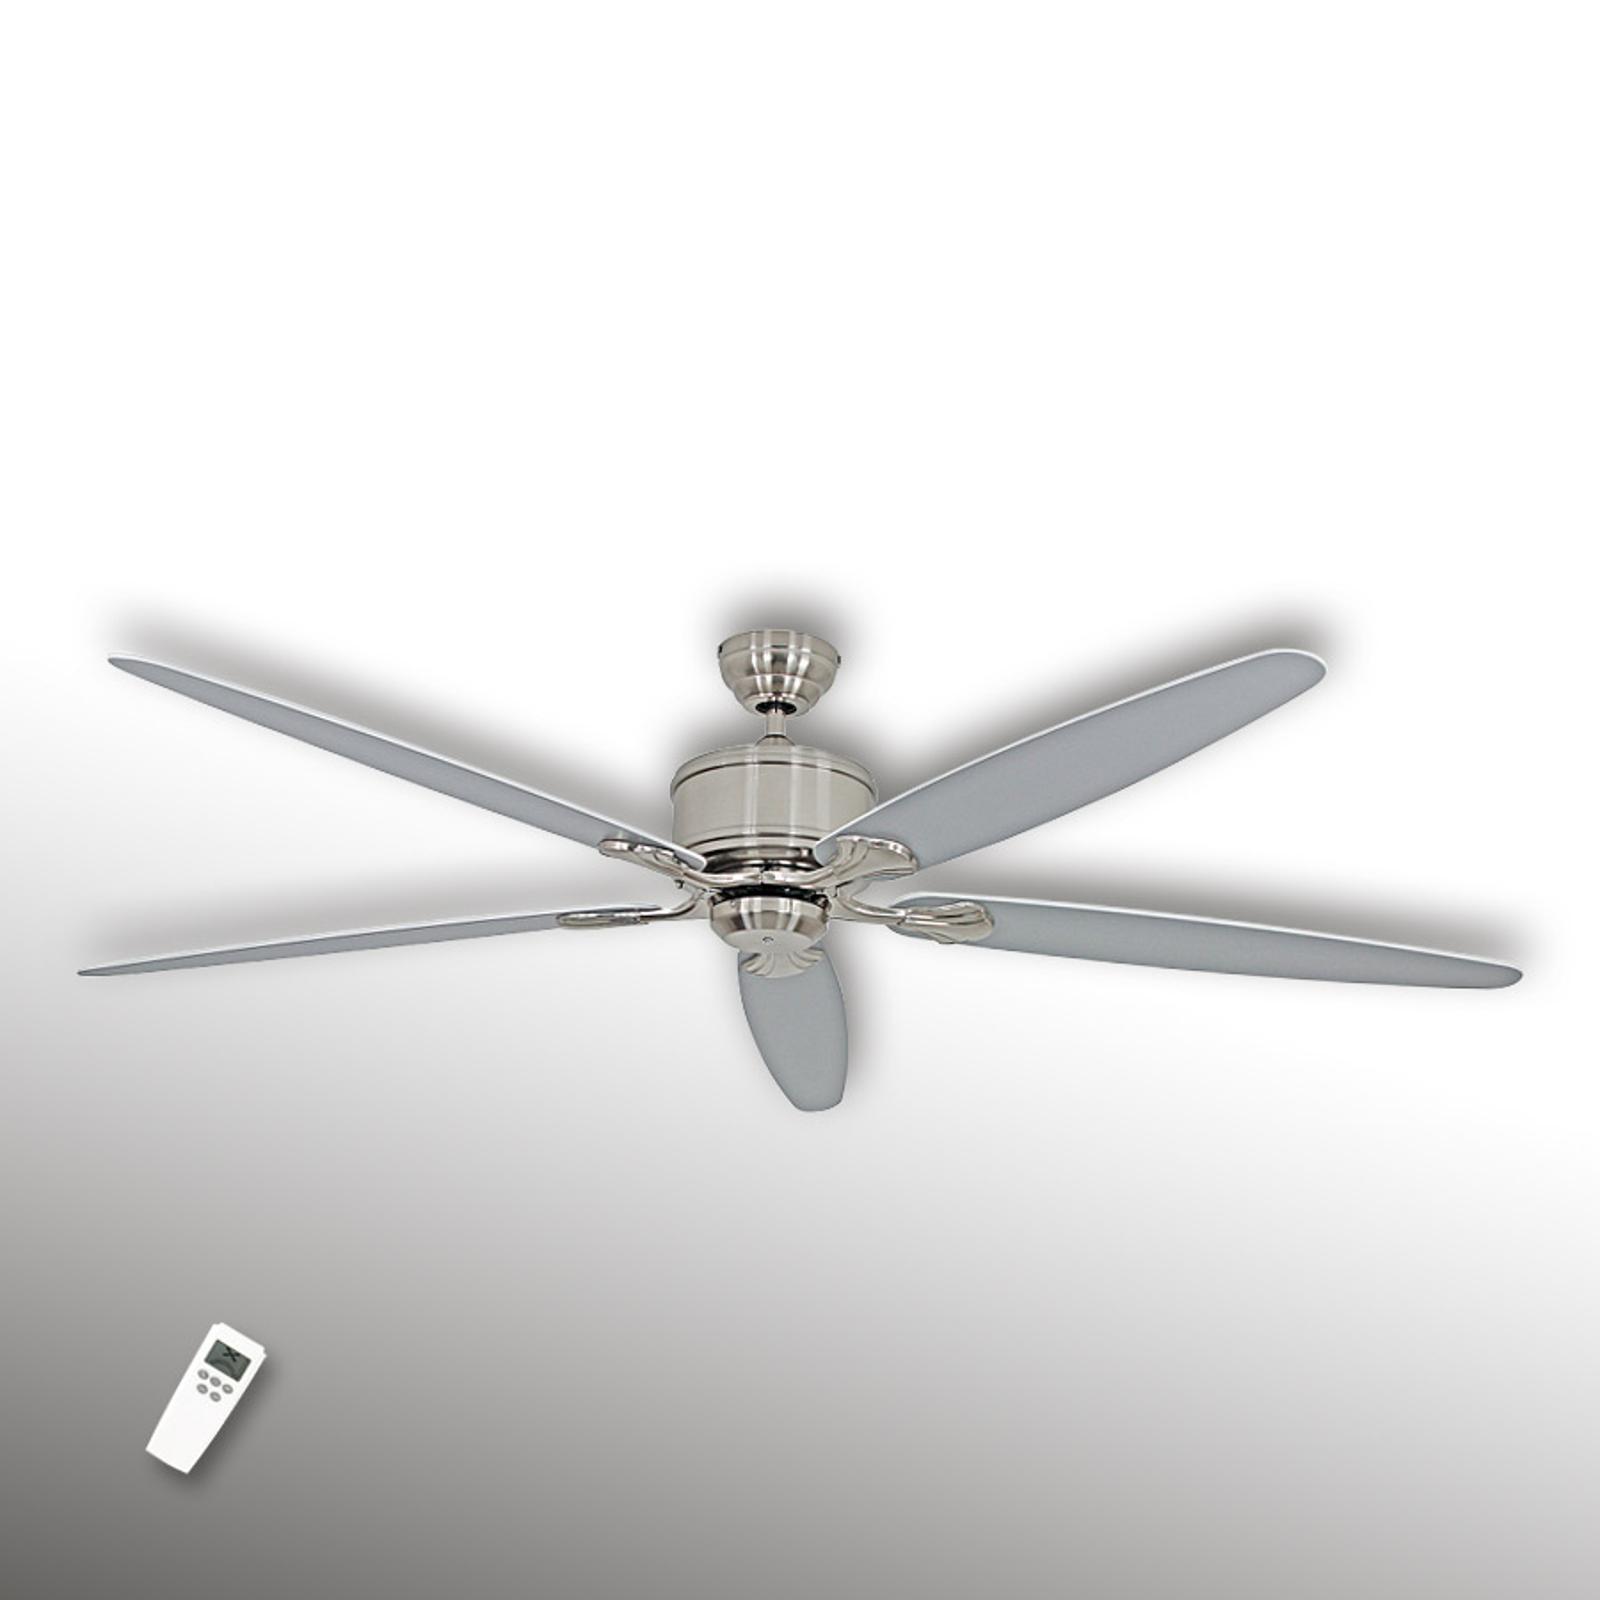 Eficiente ventilador de techo Eco Elements, cromo